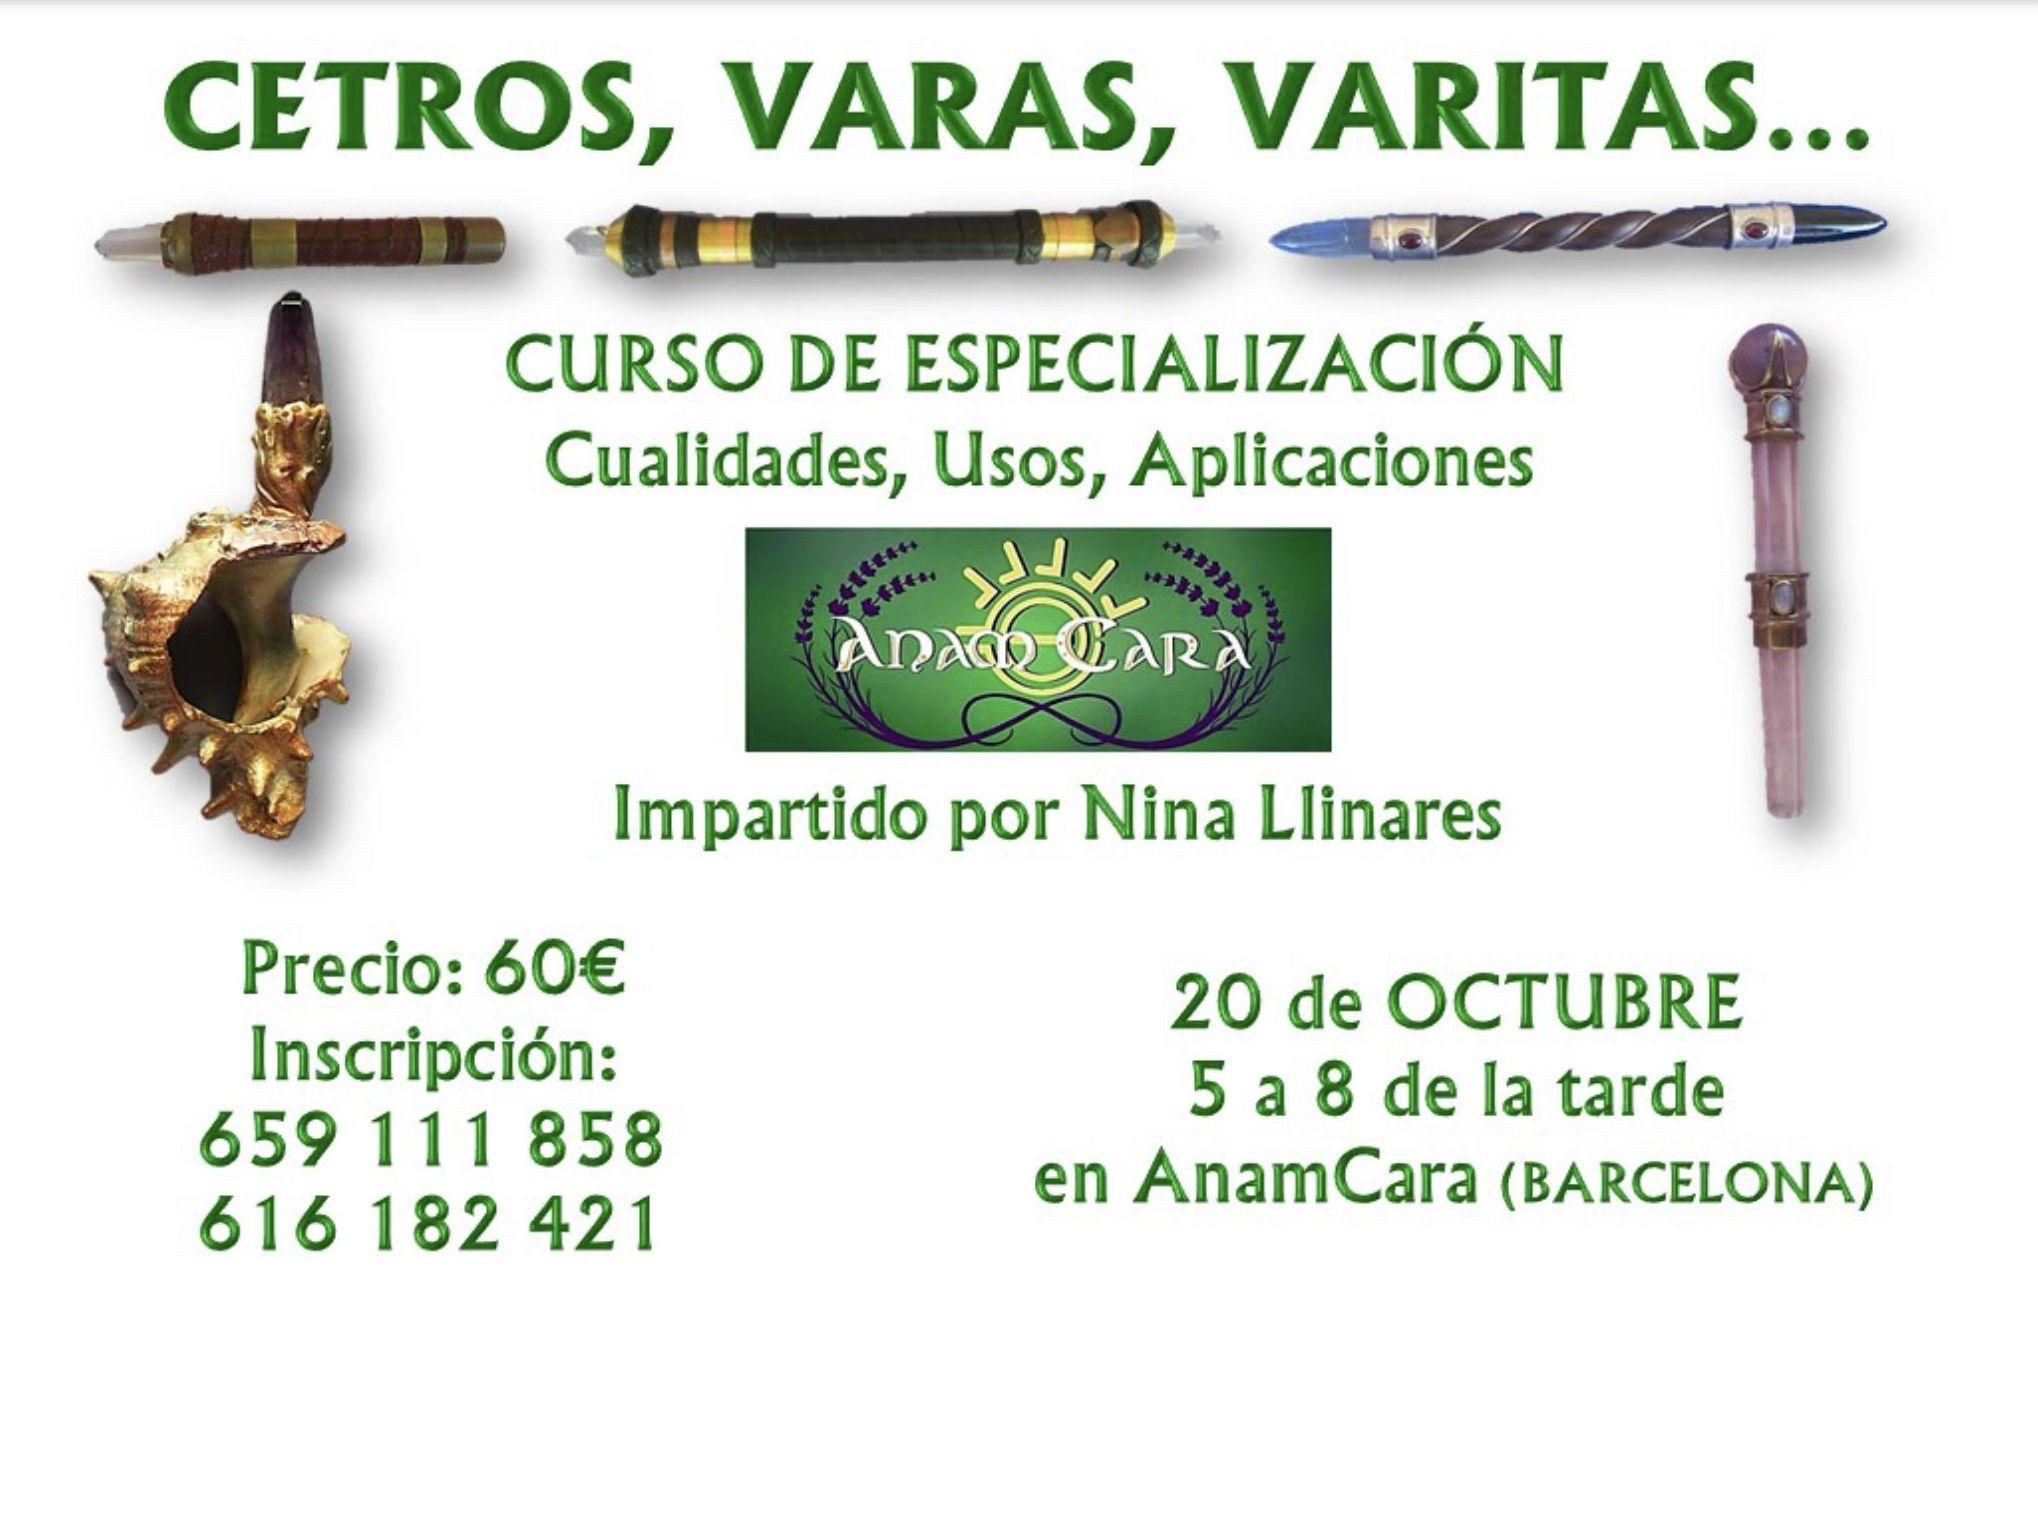 Curso de especialización: CETROS, VARAS, VARITAS...Cualidades usos aplicaciones...próximo 20/10